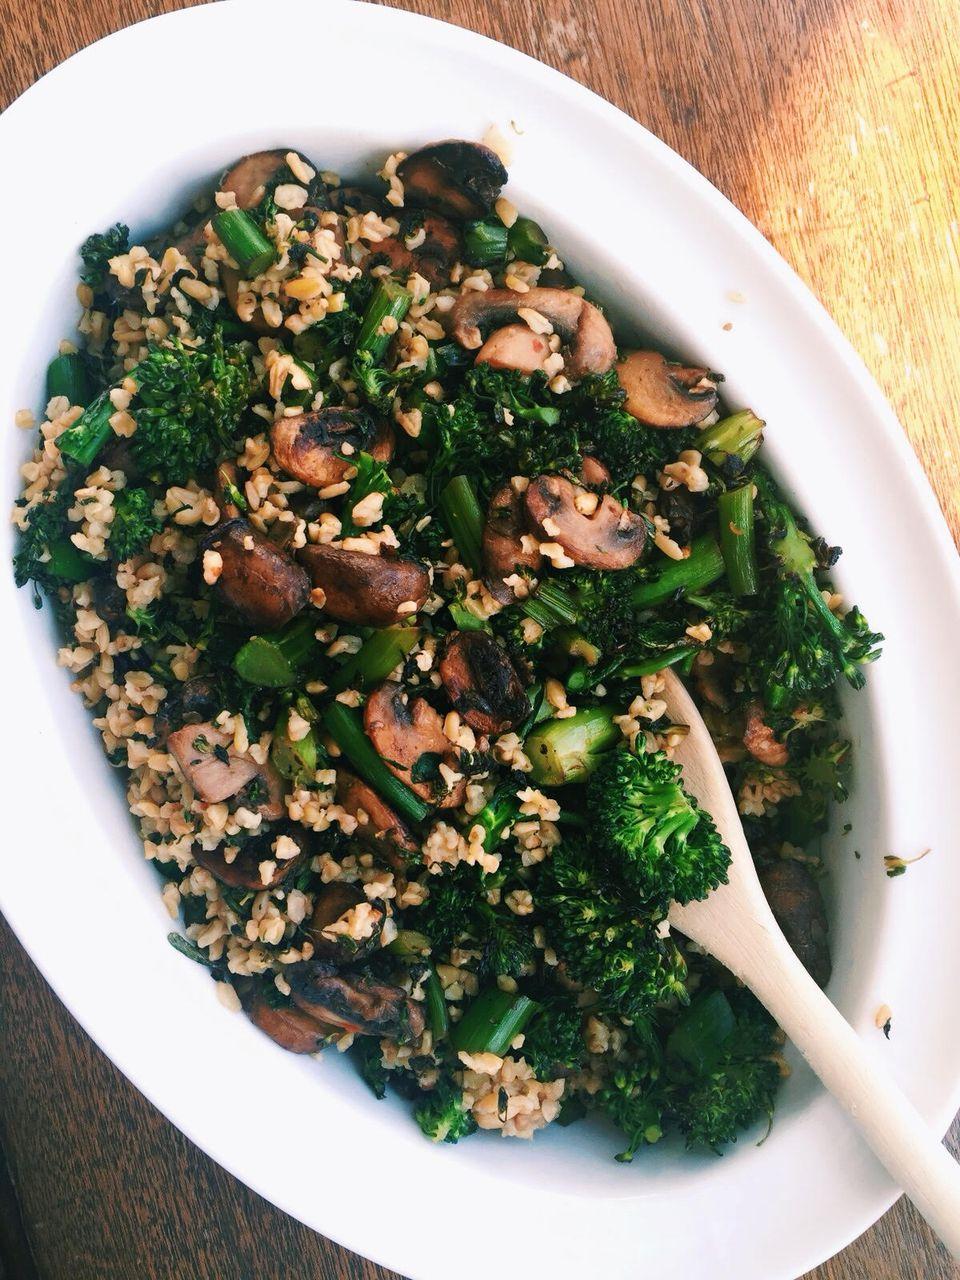 Sautéed Mushroom, Broccoli Rabe and Freekeh Salad